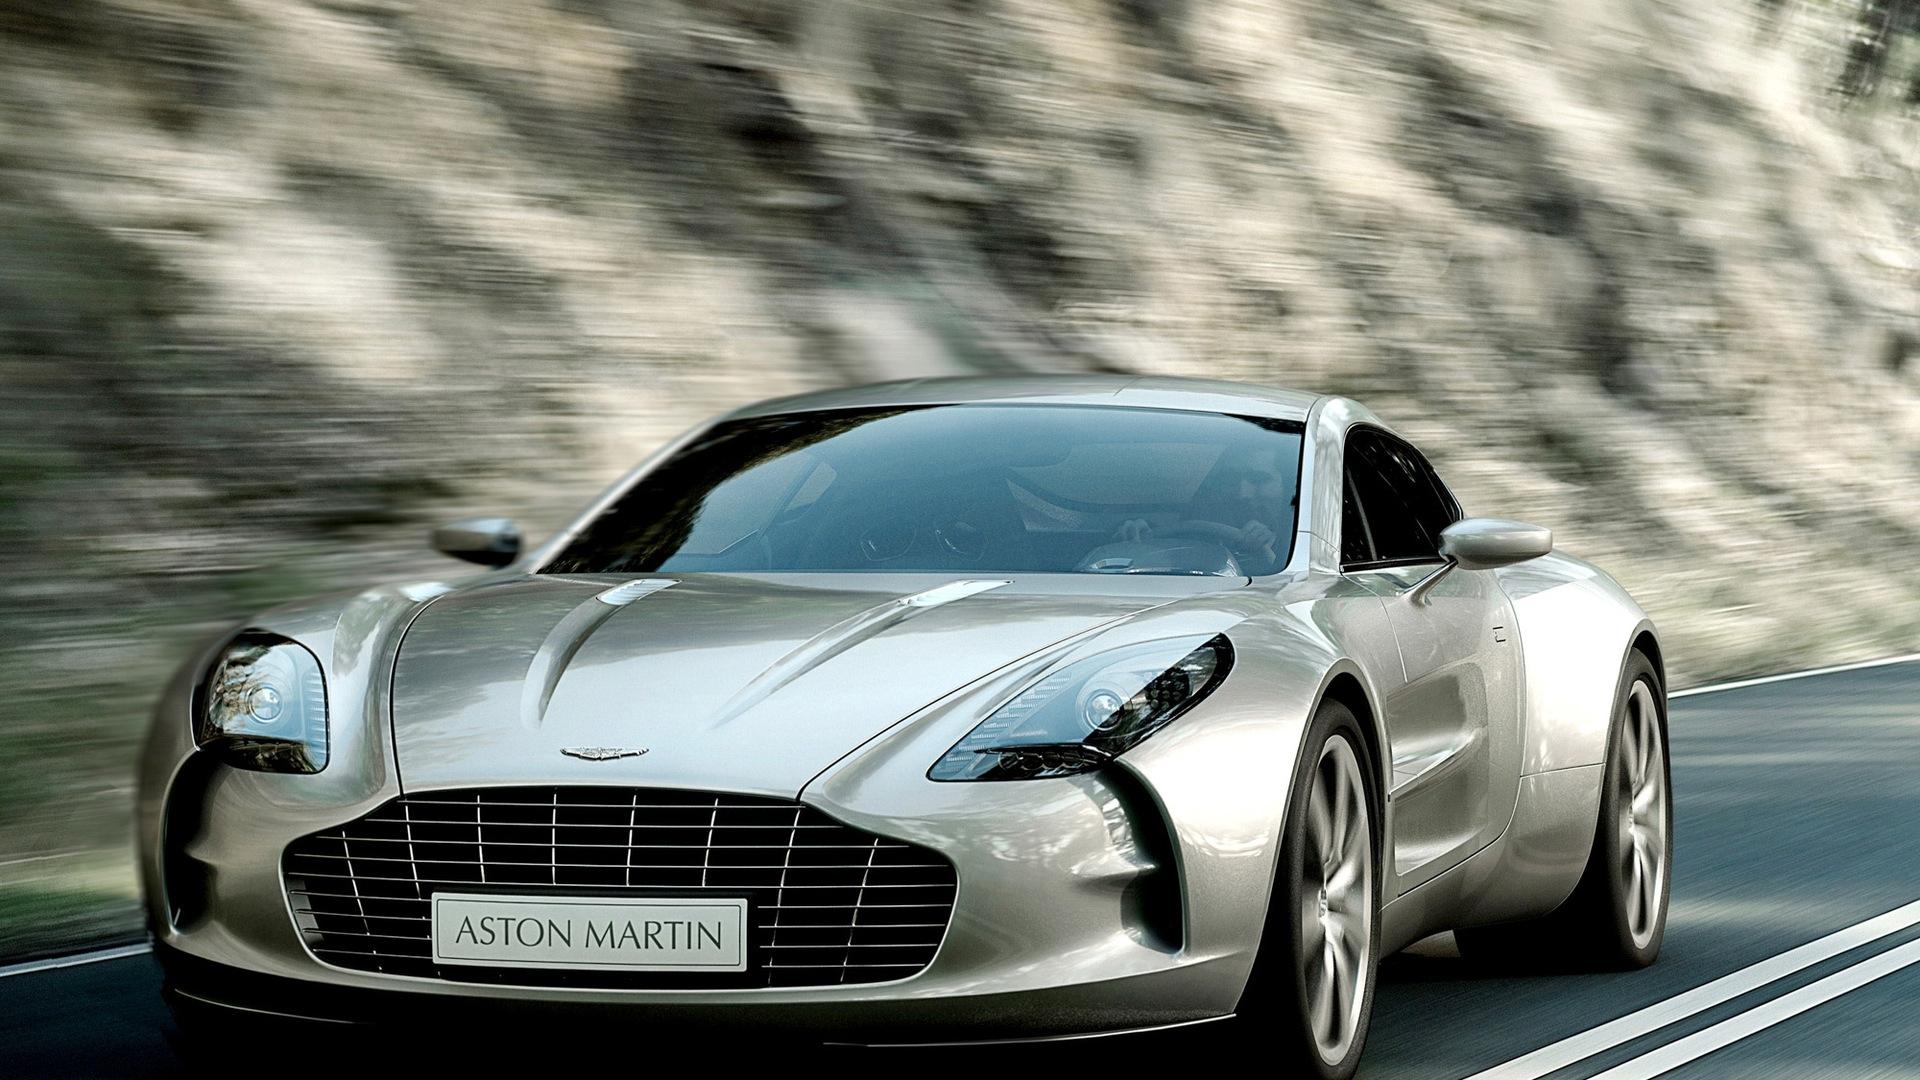 41133 скачать обои Транспорт, Машины, Астон Мартин (Aston Martin) - заставки и картинки бесплатно